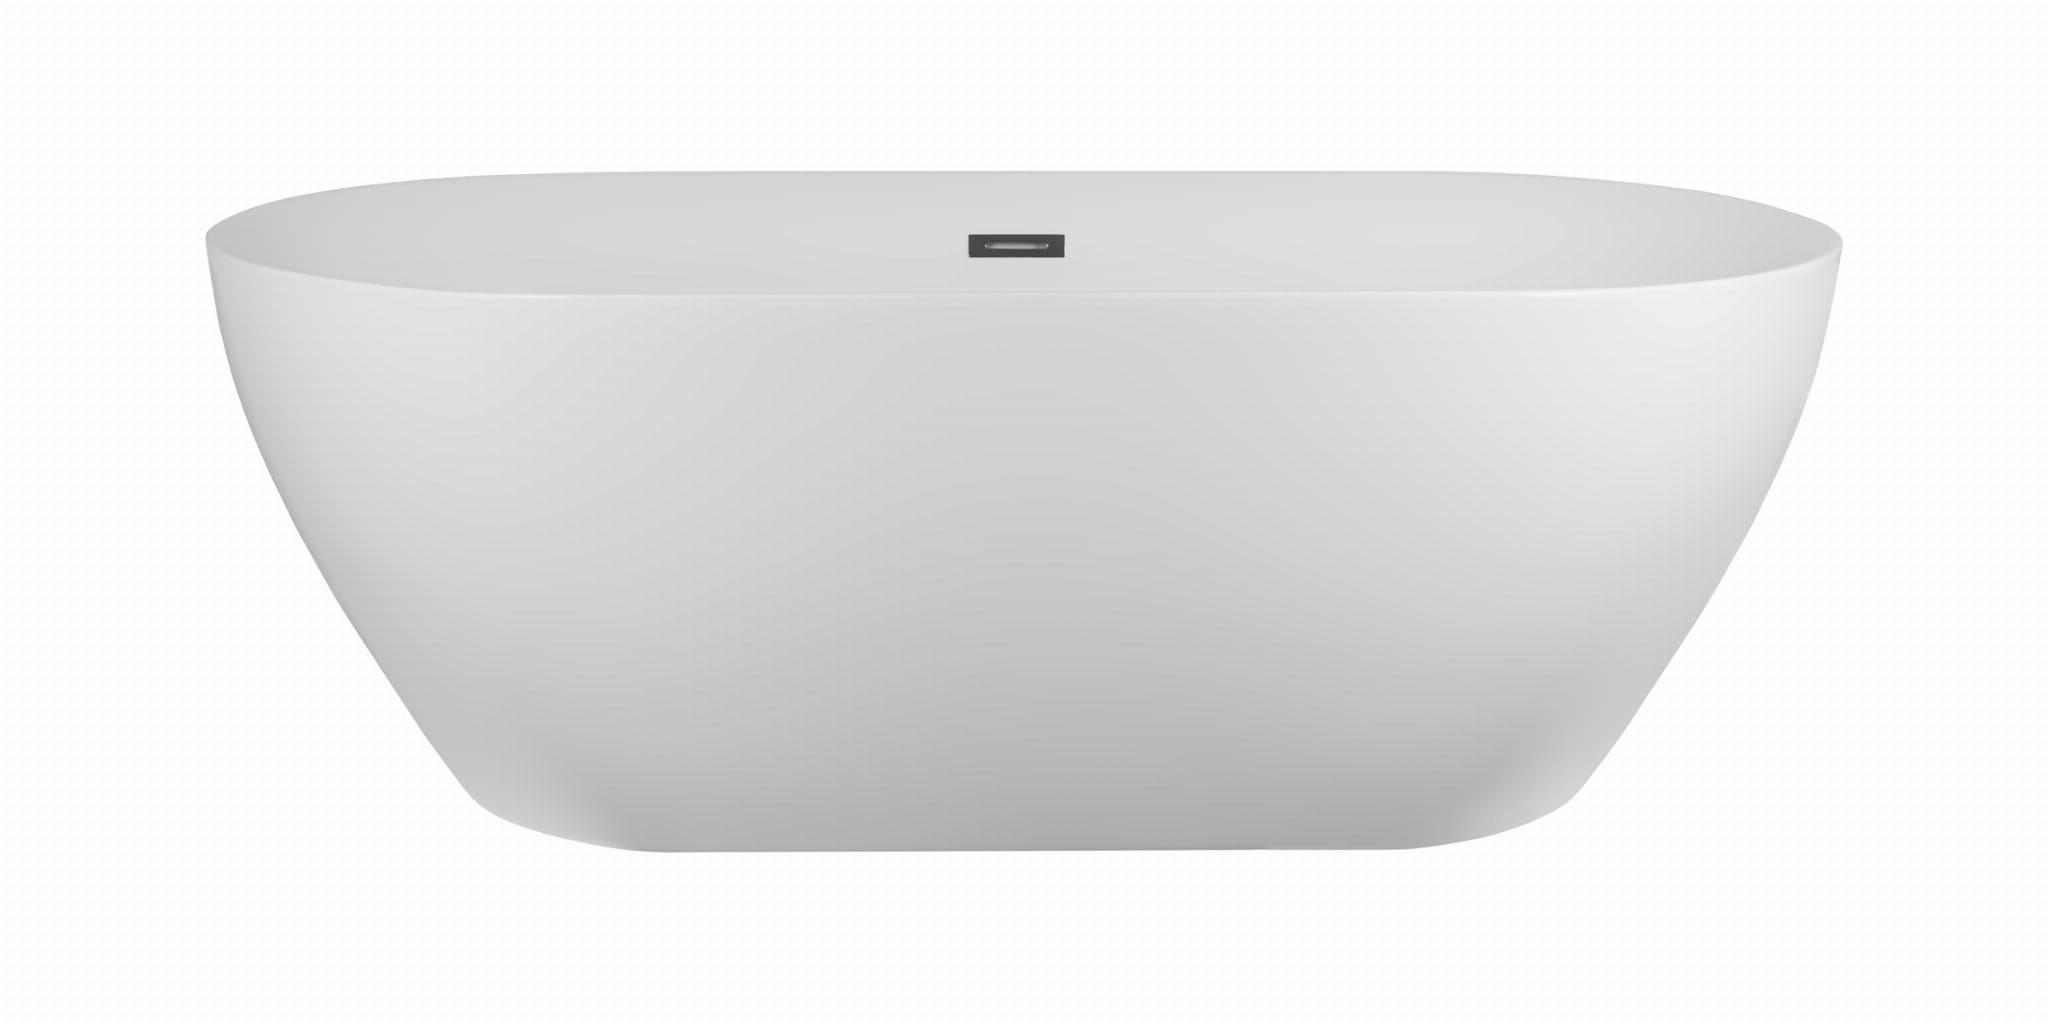 Corsan wanna wolnostojąca akrylowa OLVENA 170x80x60 cm E-041 + syfon klik-klak/ biała - wysyłka 24 h